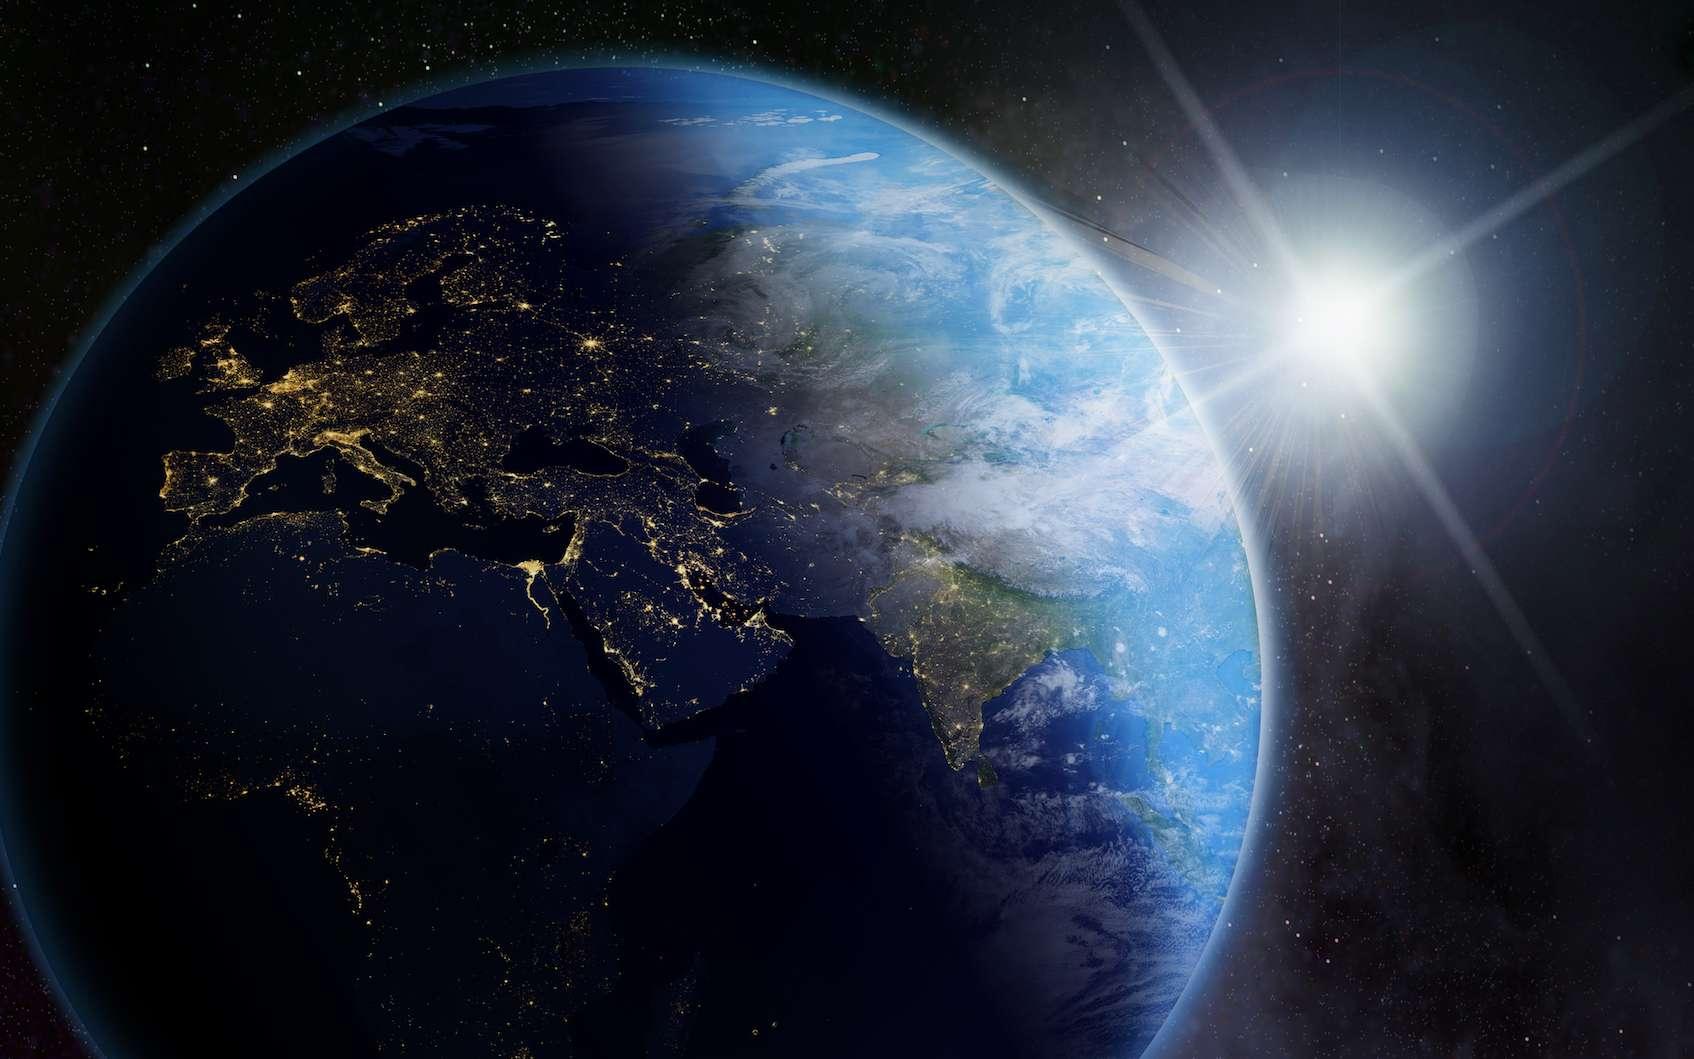 Quelle est la vitesse de la Terre autour du Soleil? À quelle vitesse nous déplaçons-nous dans l'univers? © Mike Mareen, fotolia